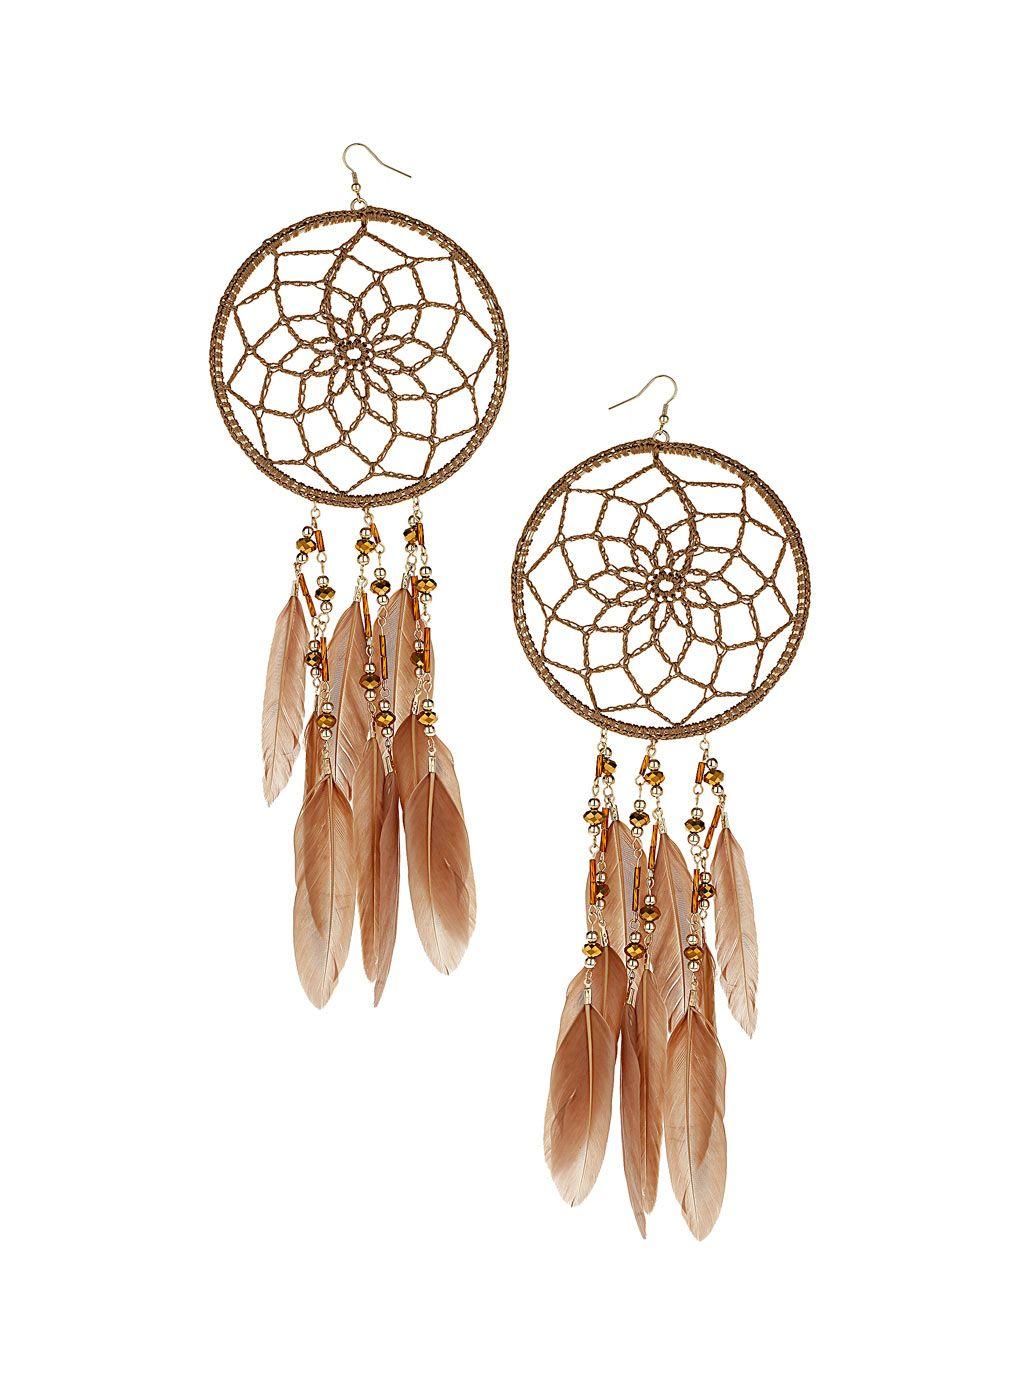 Dream catcher earrings. | Bling me | Pinterest | Dream ...